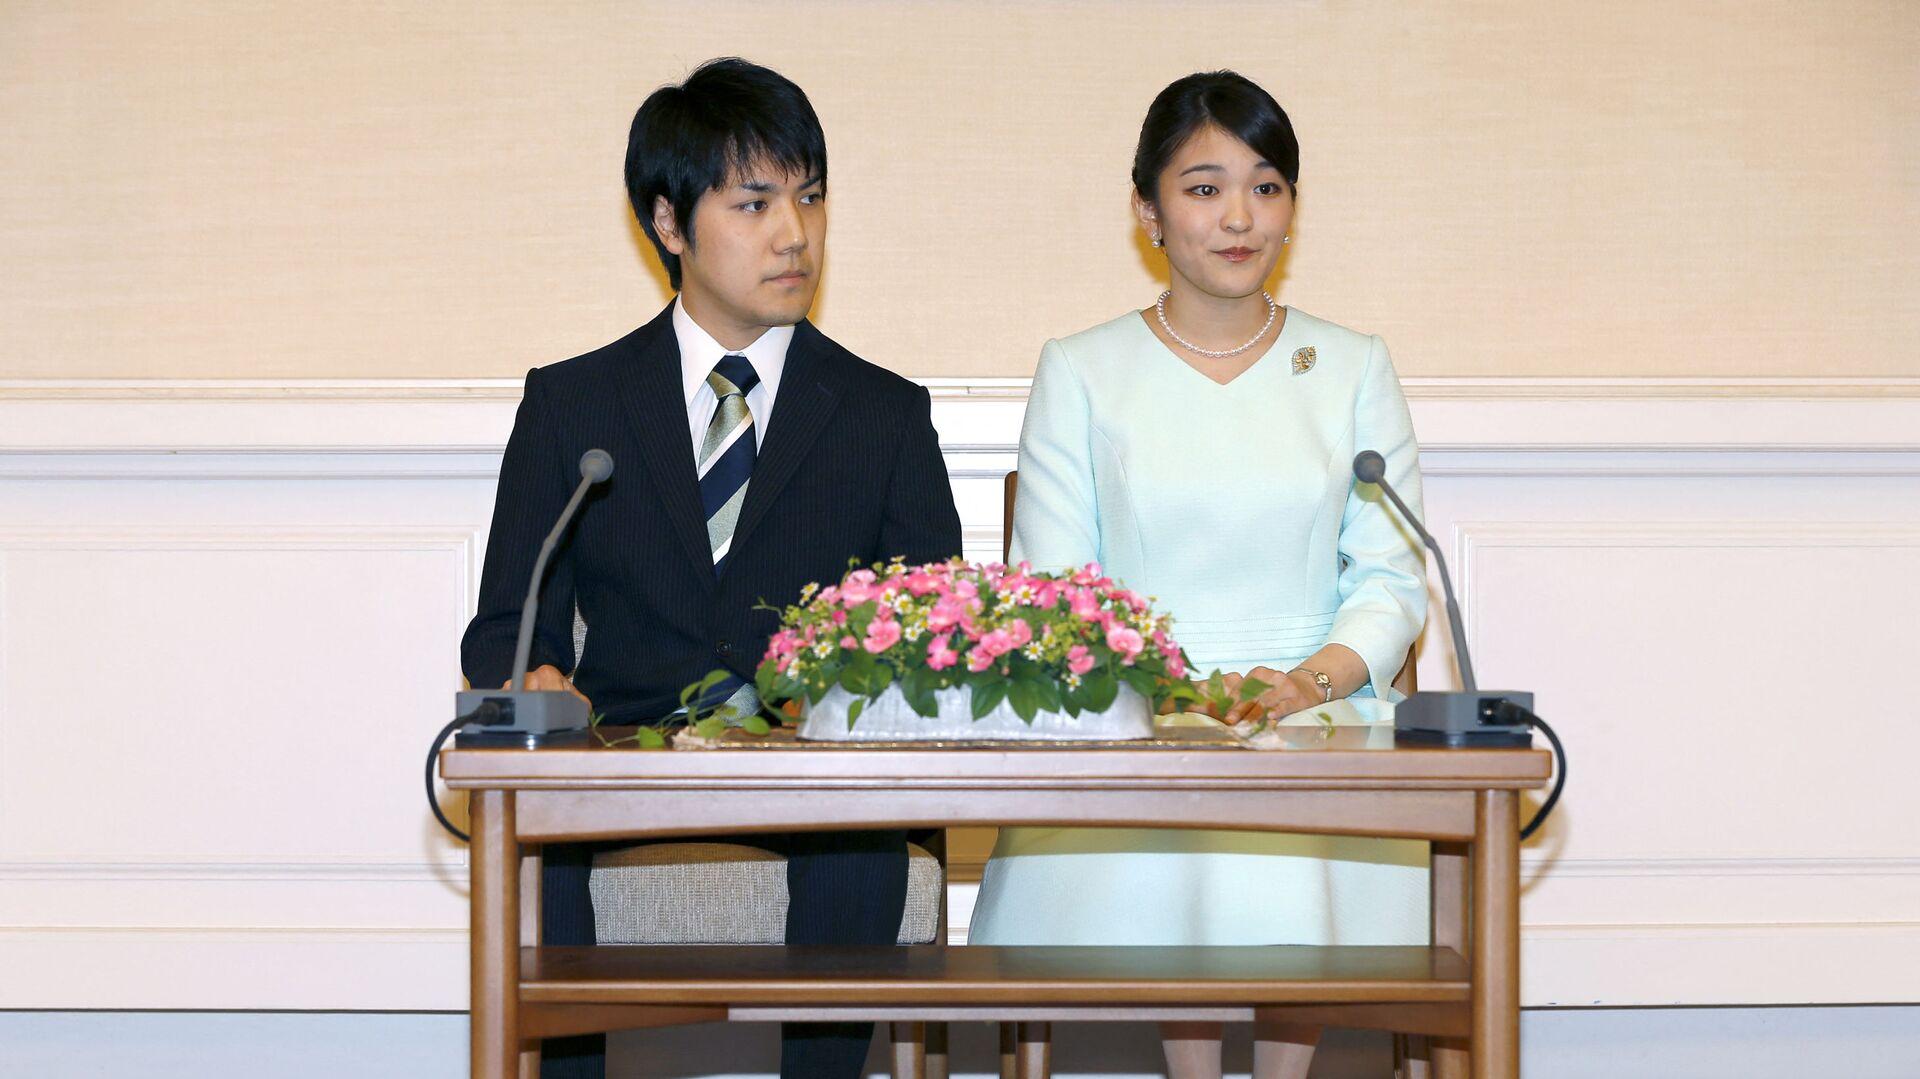 Công chúa Mako của Nhật Bản và chú rể Kei Komuro - Sputnik Việt Nam, 1920, 28.09.2021